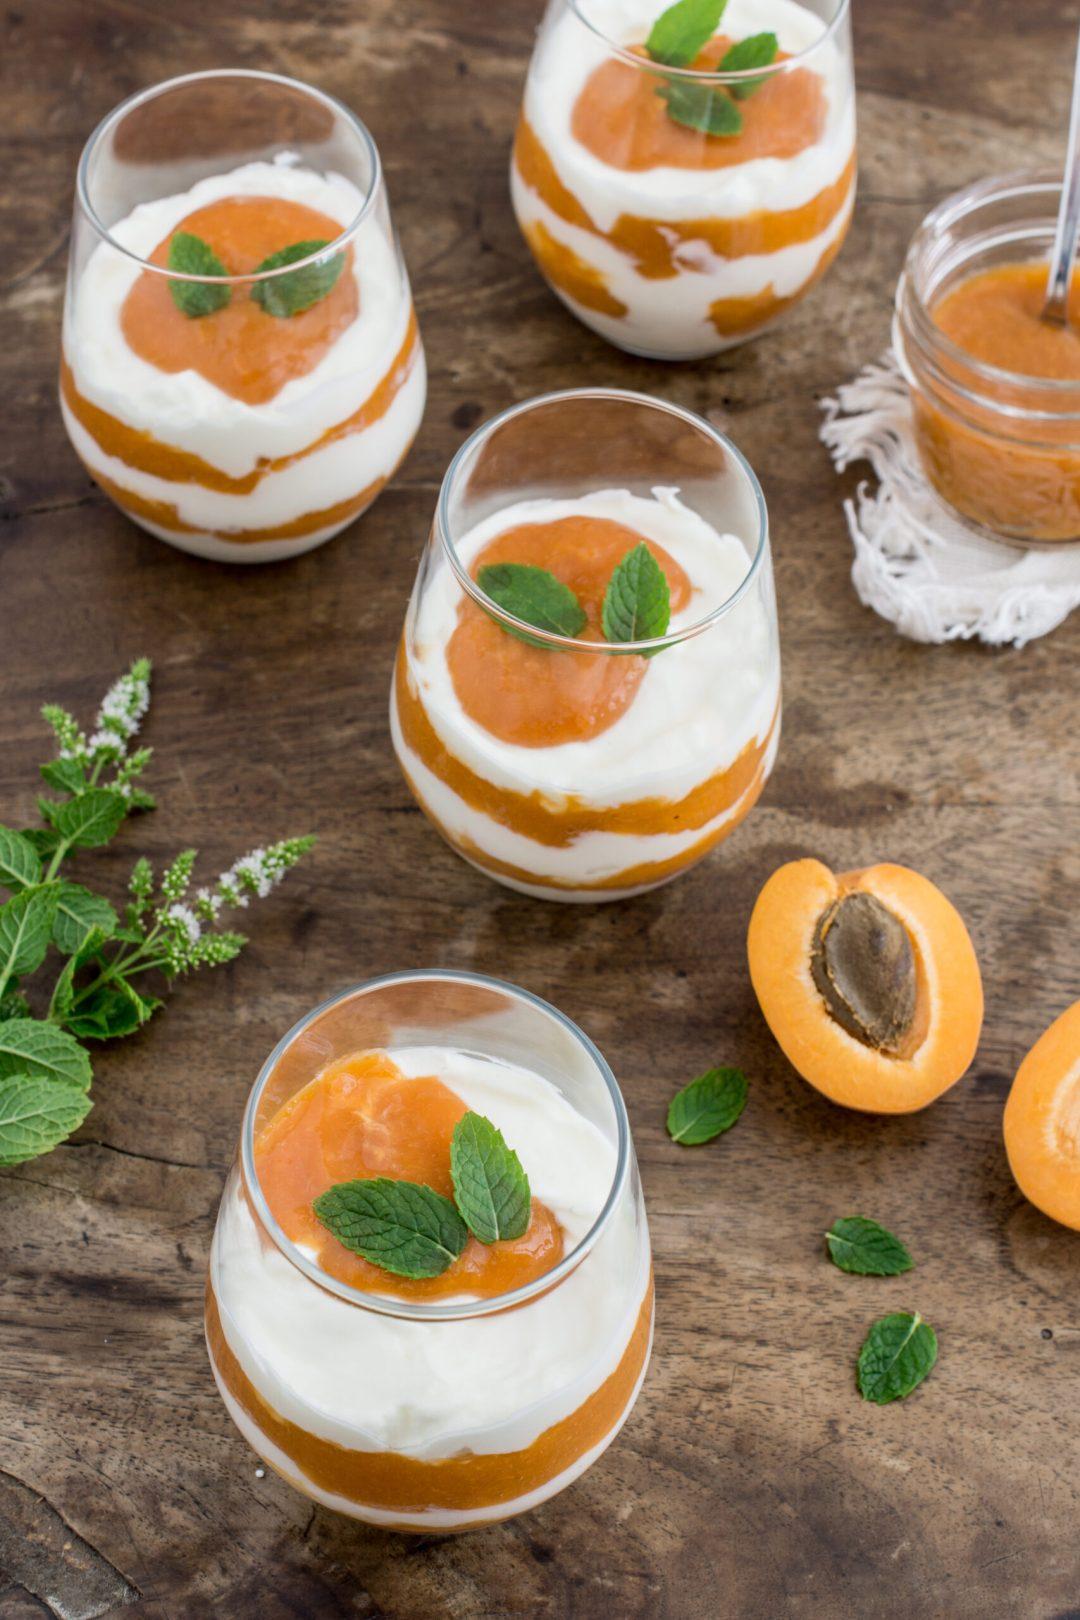 Sommerliches Dessert im Glas: Mascarponecreme mit Marillenmus